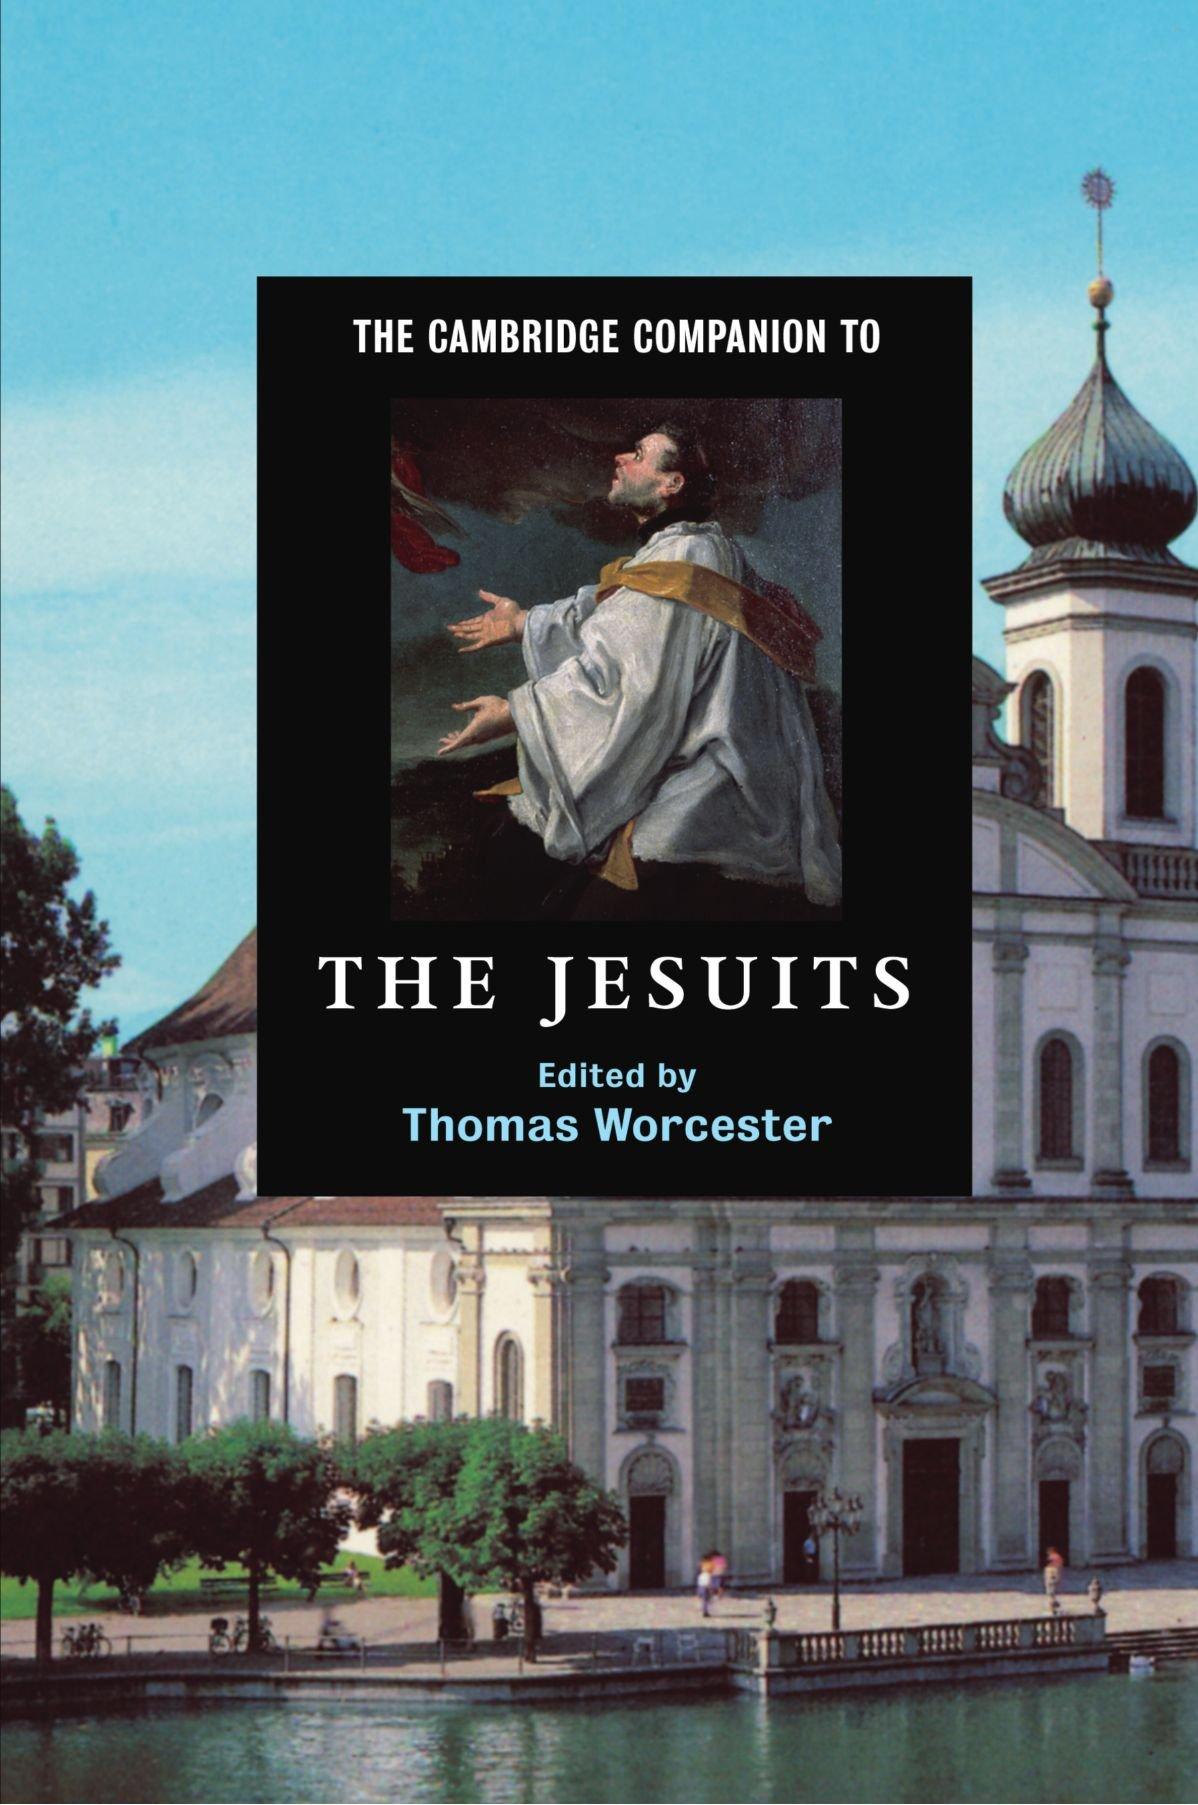 The Cambridge Companion to the Jesuits (Cambridge Companions to Religion) pdf